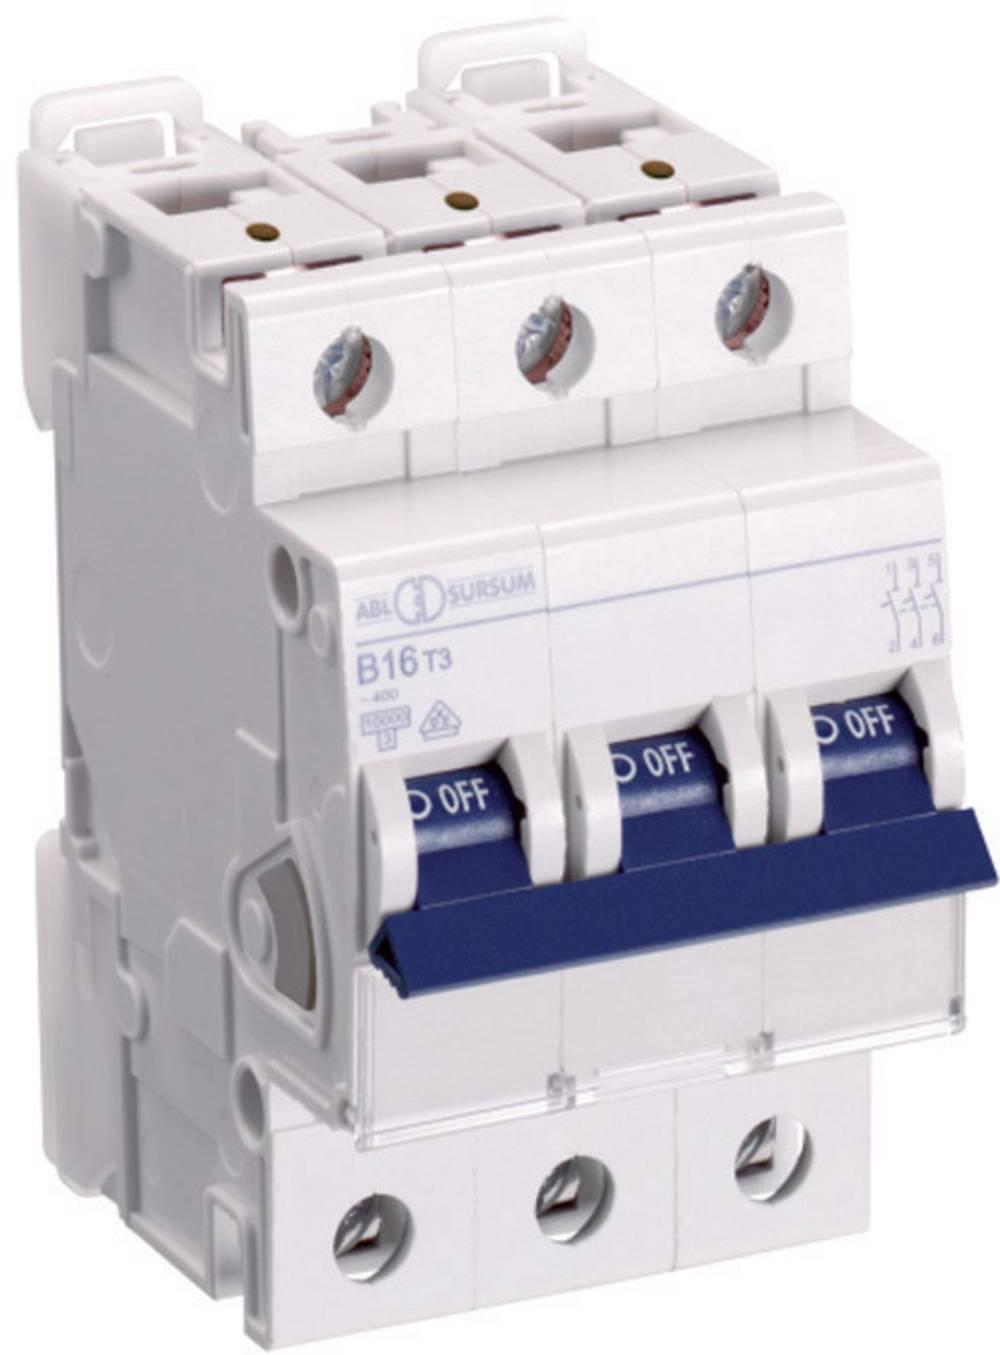 Instalacijski prekidač 3-polni 32 A ABL Sursum K32T3